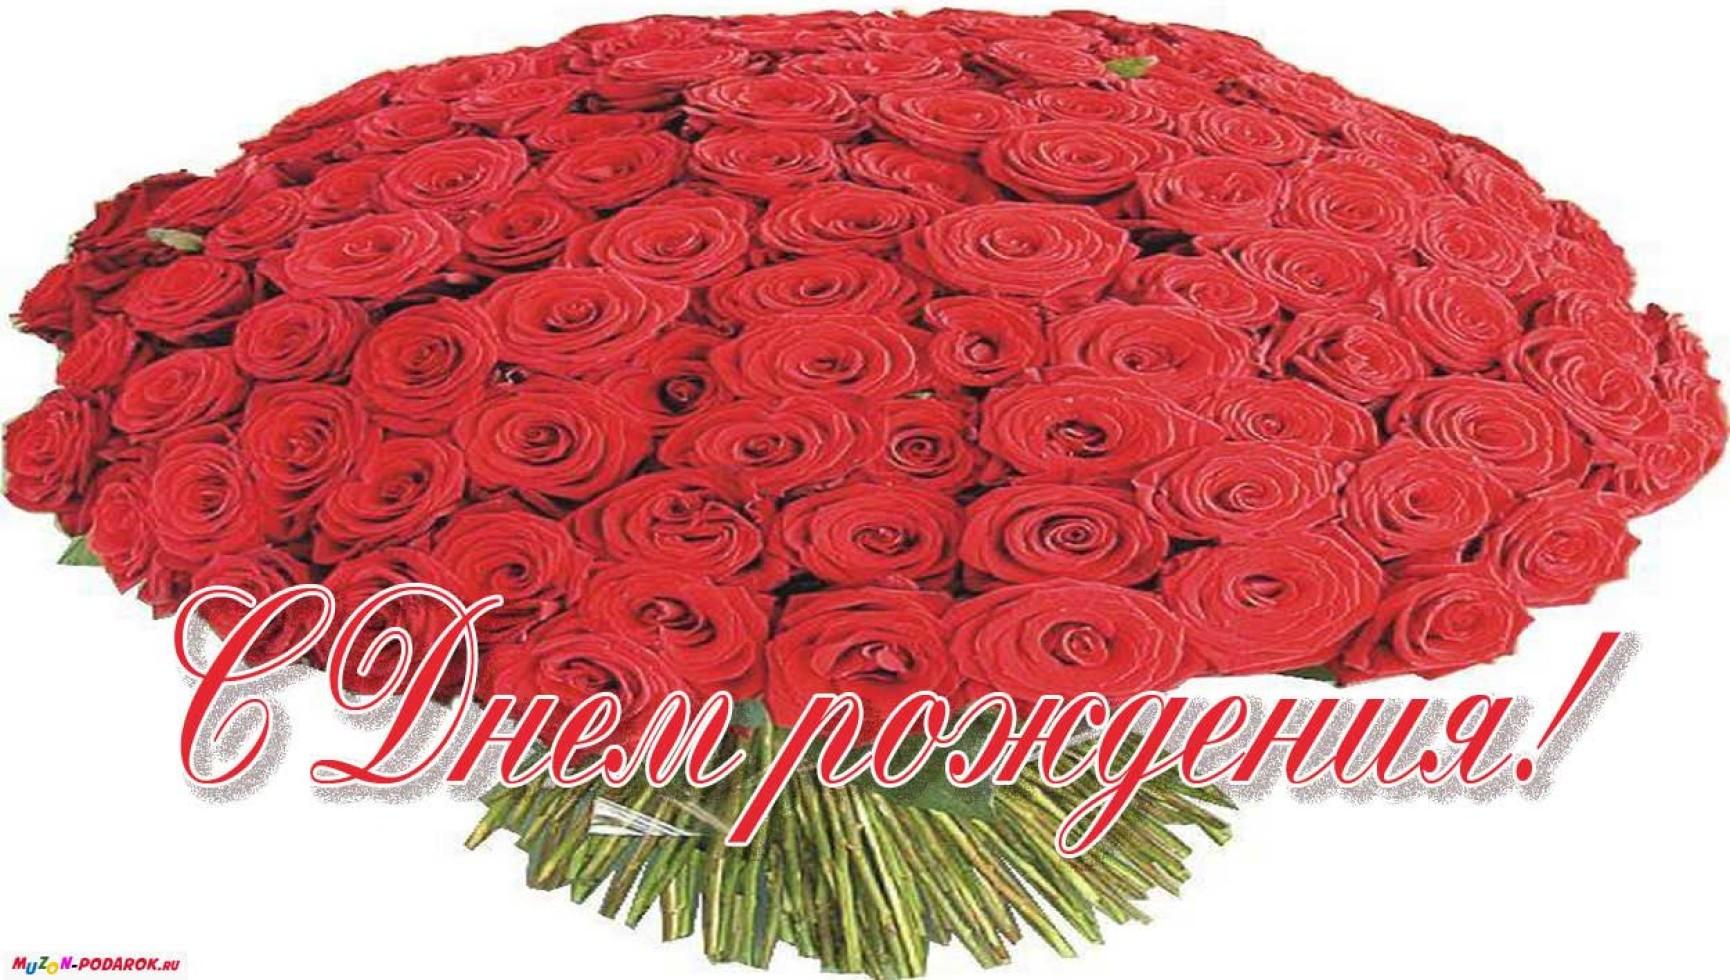 Поздравляем с Днем рождения главу муниципального образования Дубенский район Гудкову Надежду Валентиновну